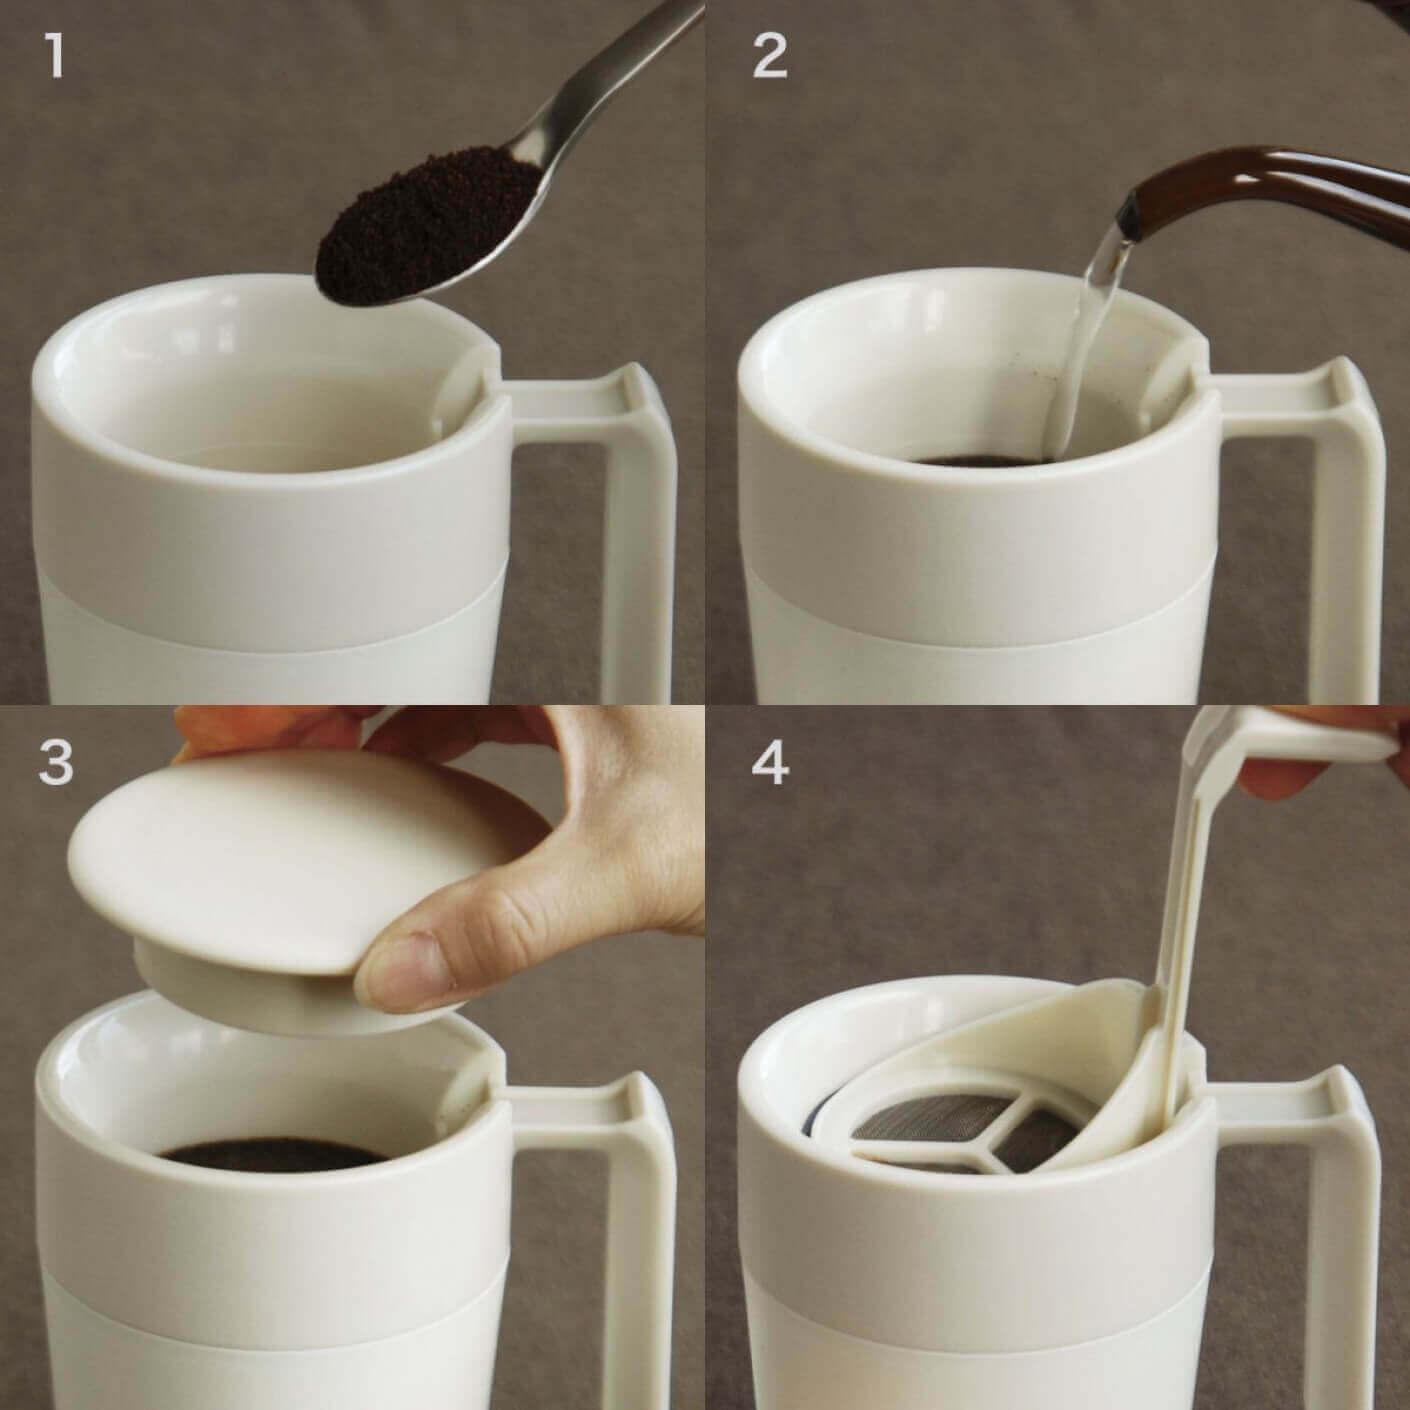 cafepress cafe the double paroi piston kinto 22752  2